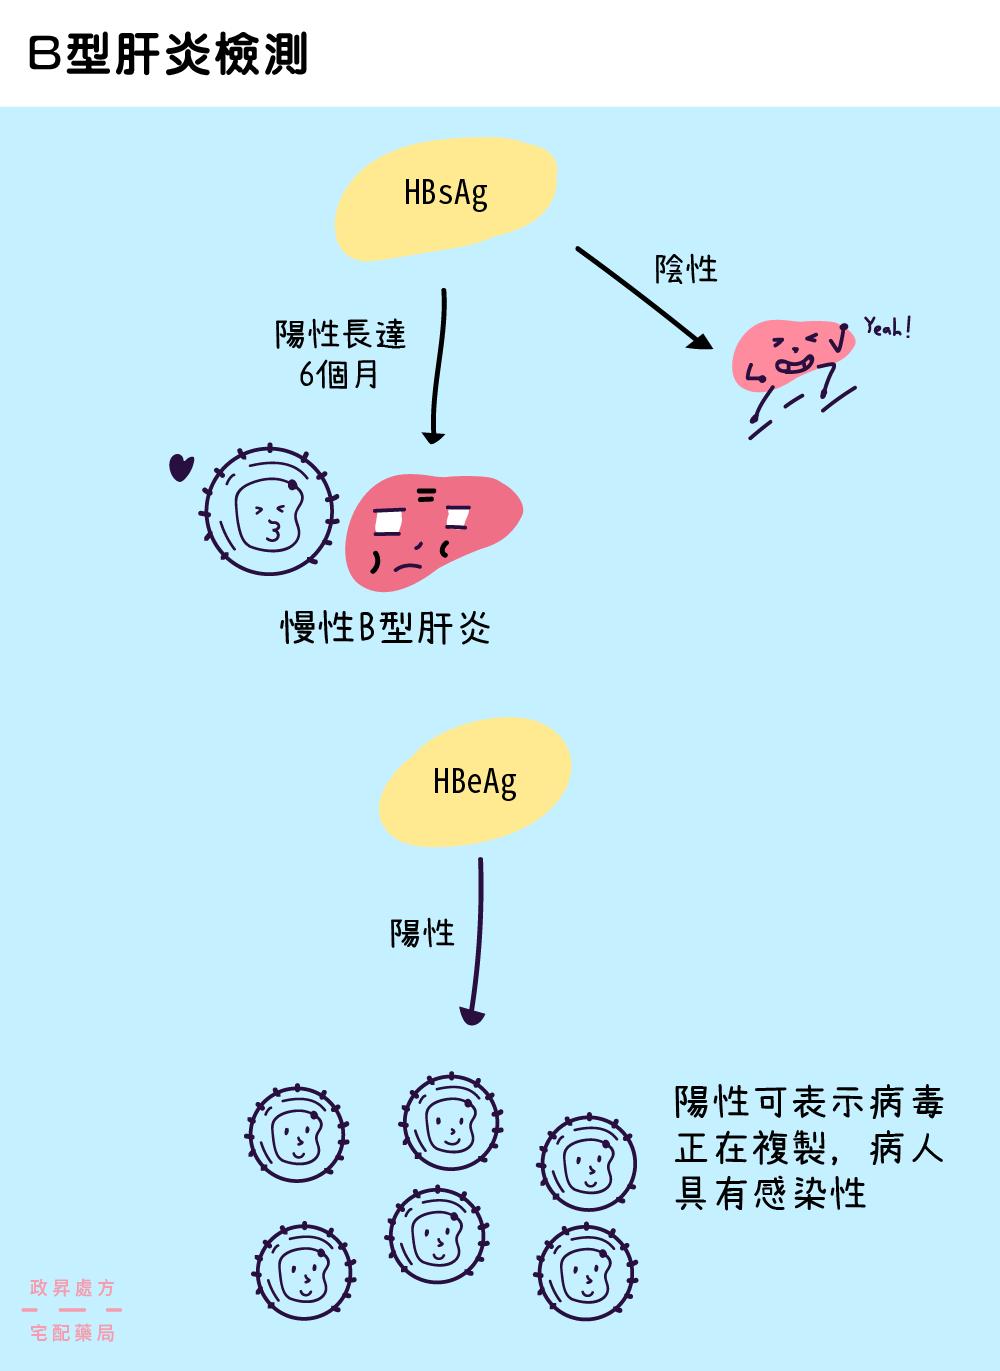 判別B型肝炎檢測結果的流程